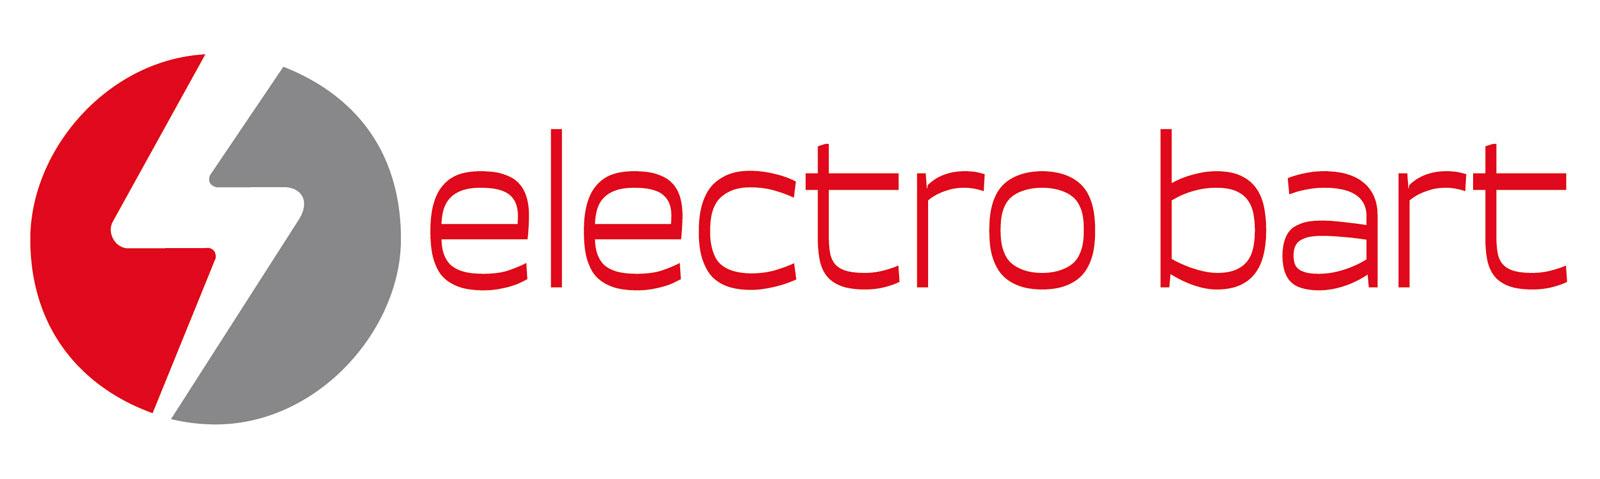 electro bart AG